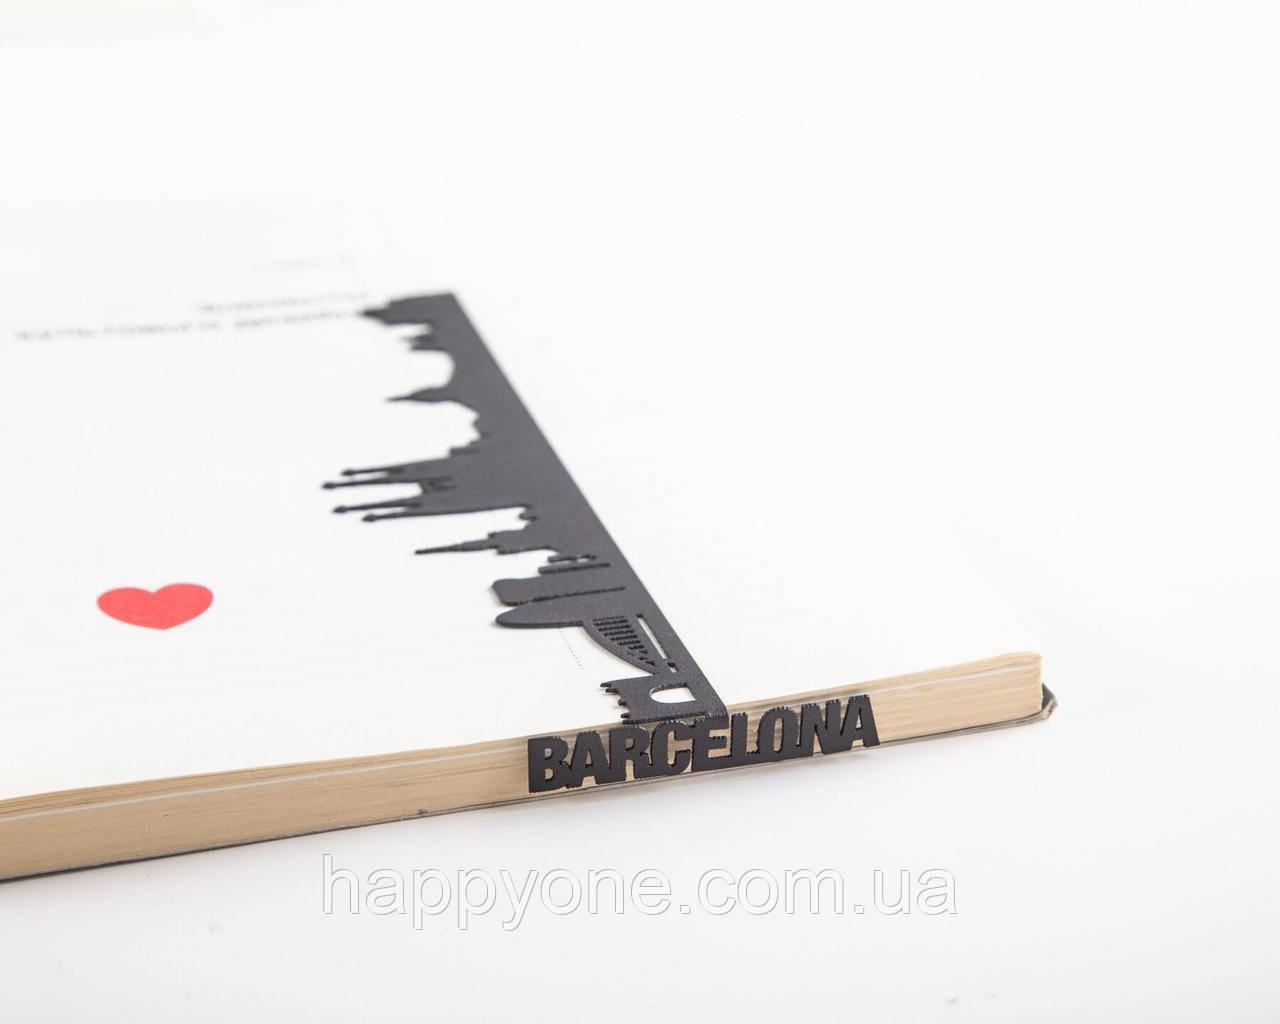 Закладка для книг Barcelona